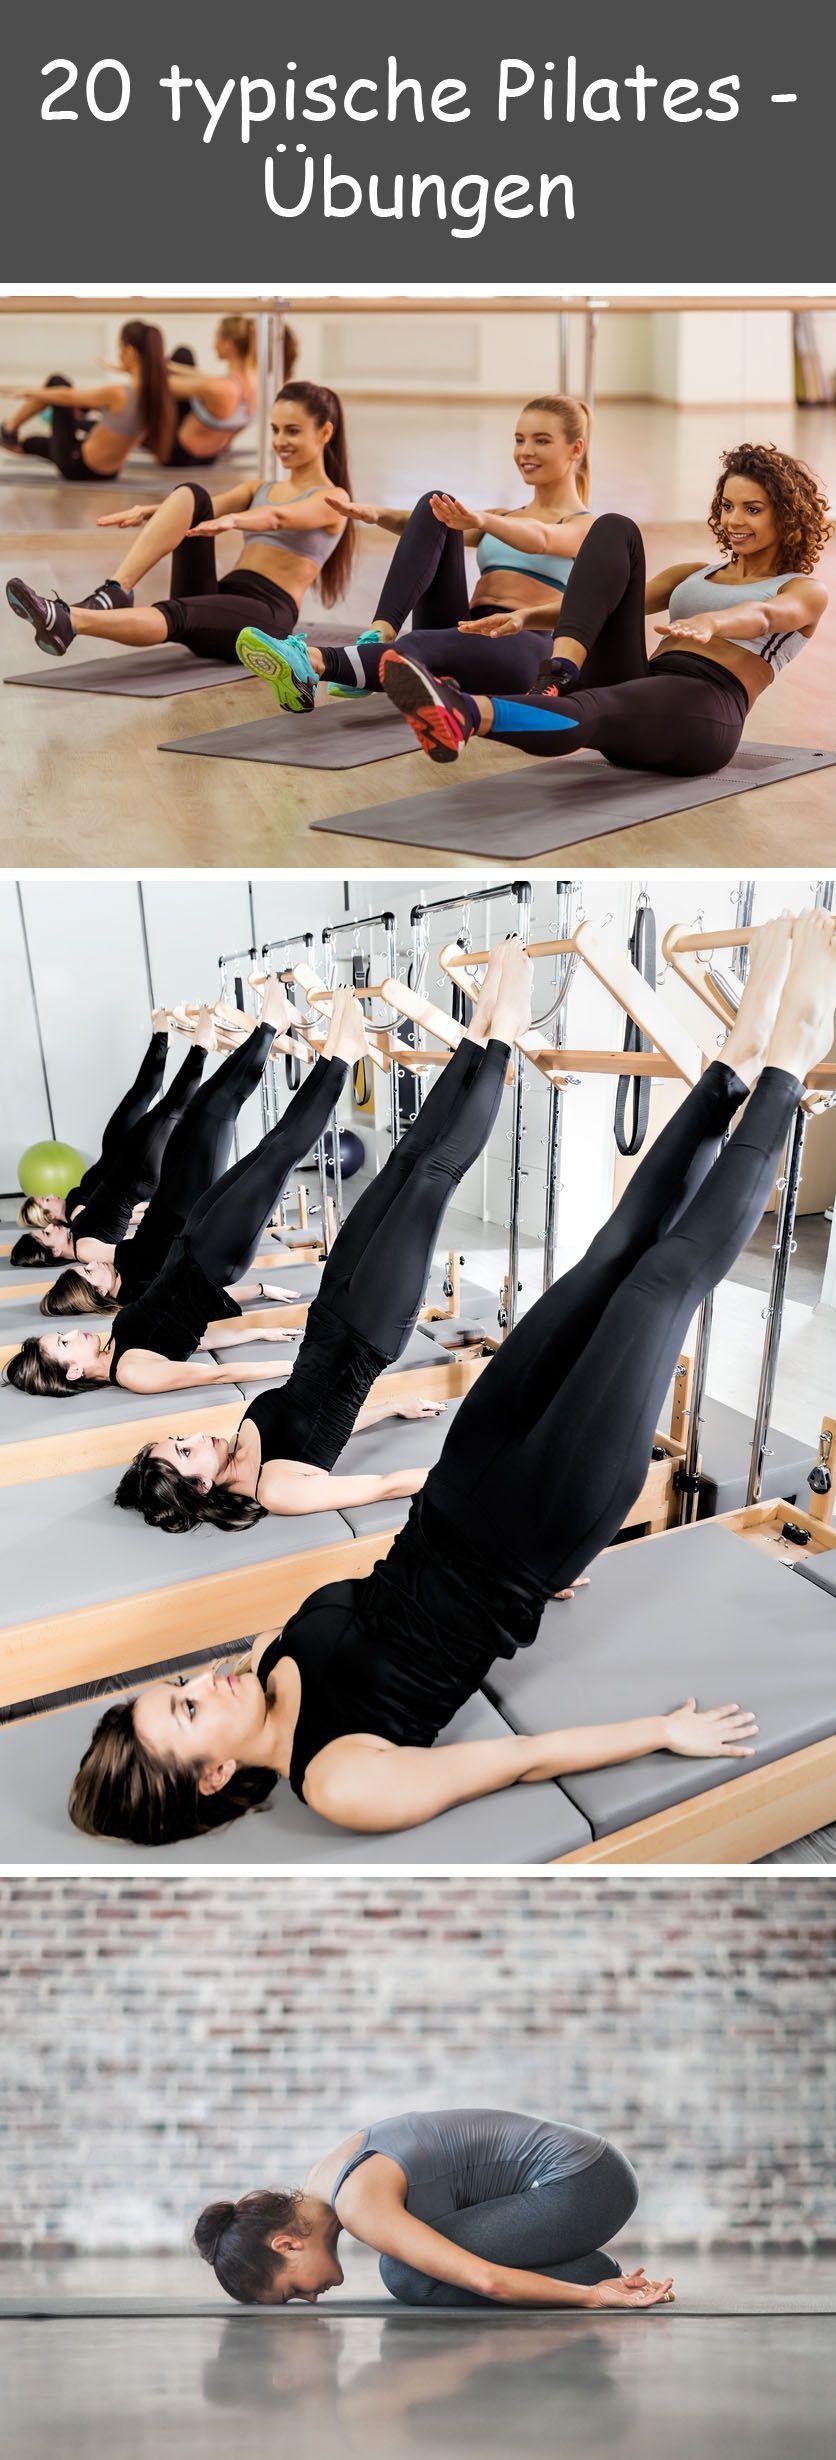 Turnen nach Joseph Pilates steigert Koordination und Kraft, verbessert die Haltung und soll flexible...